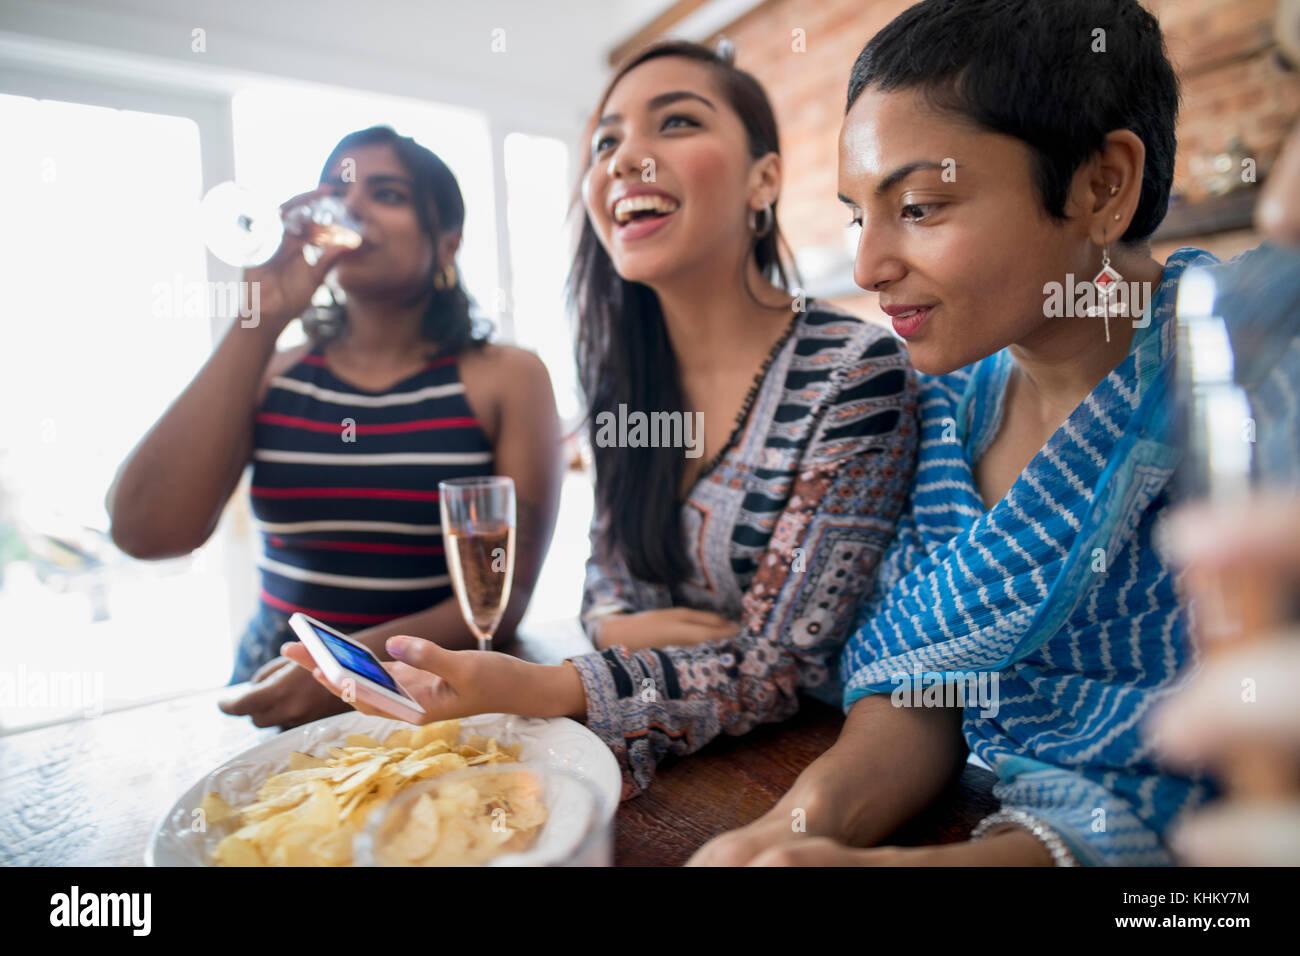 Junge Frauen auf einer party Stockbild